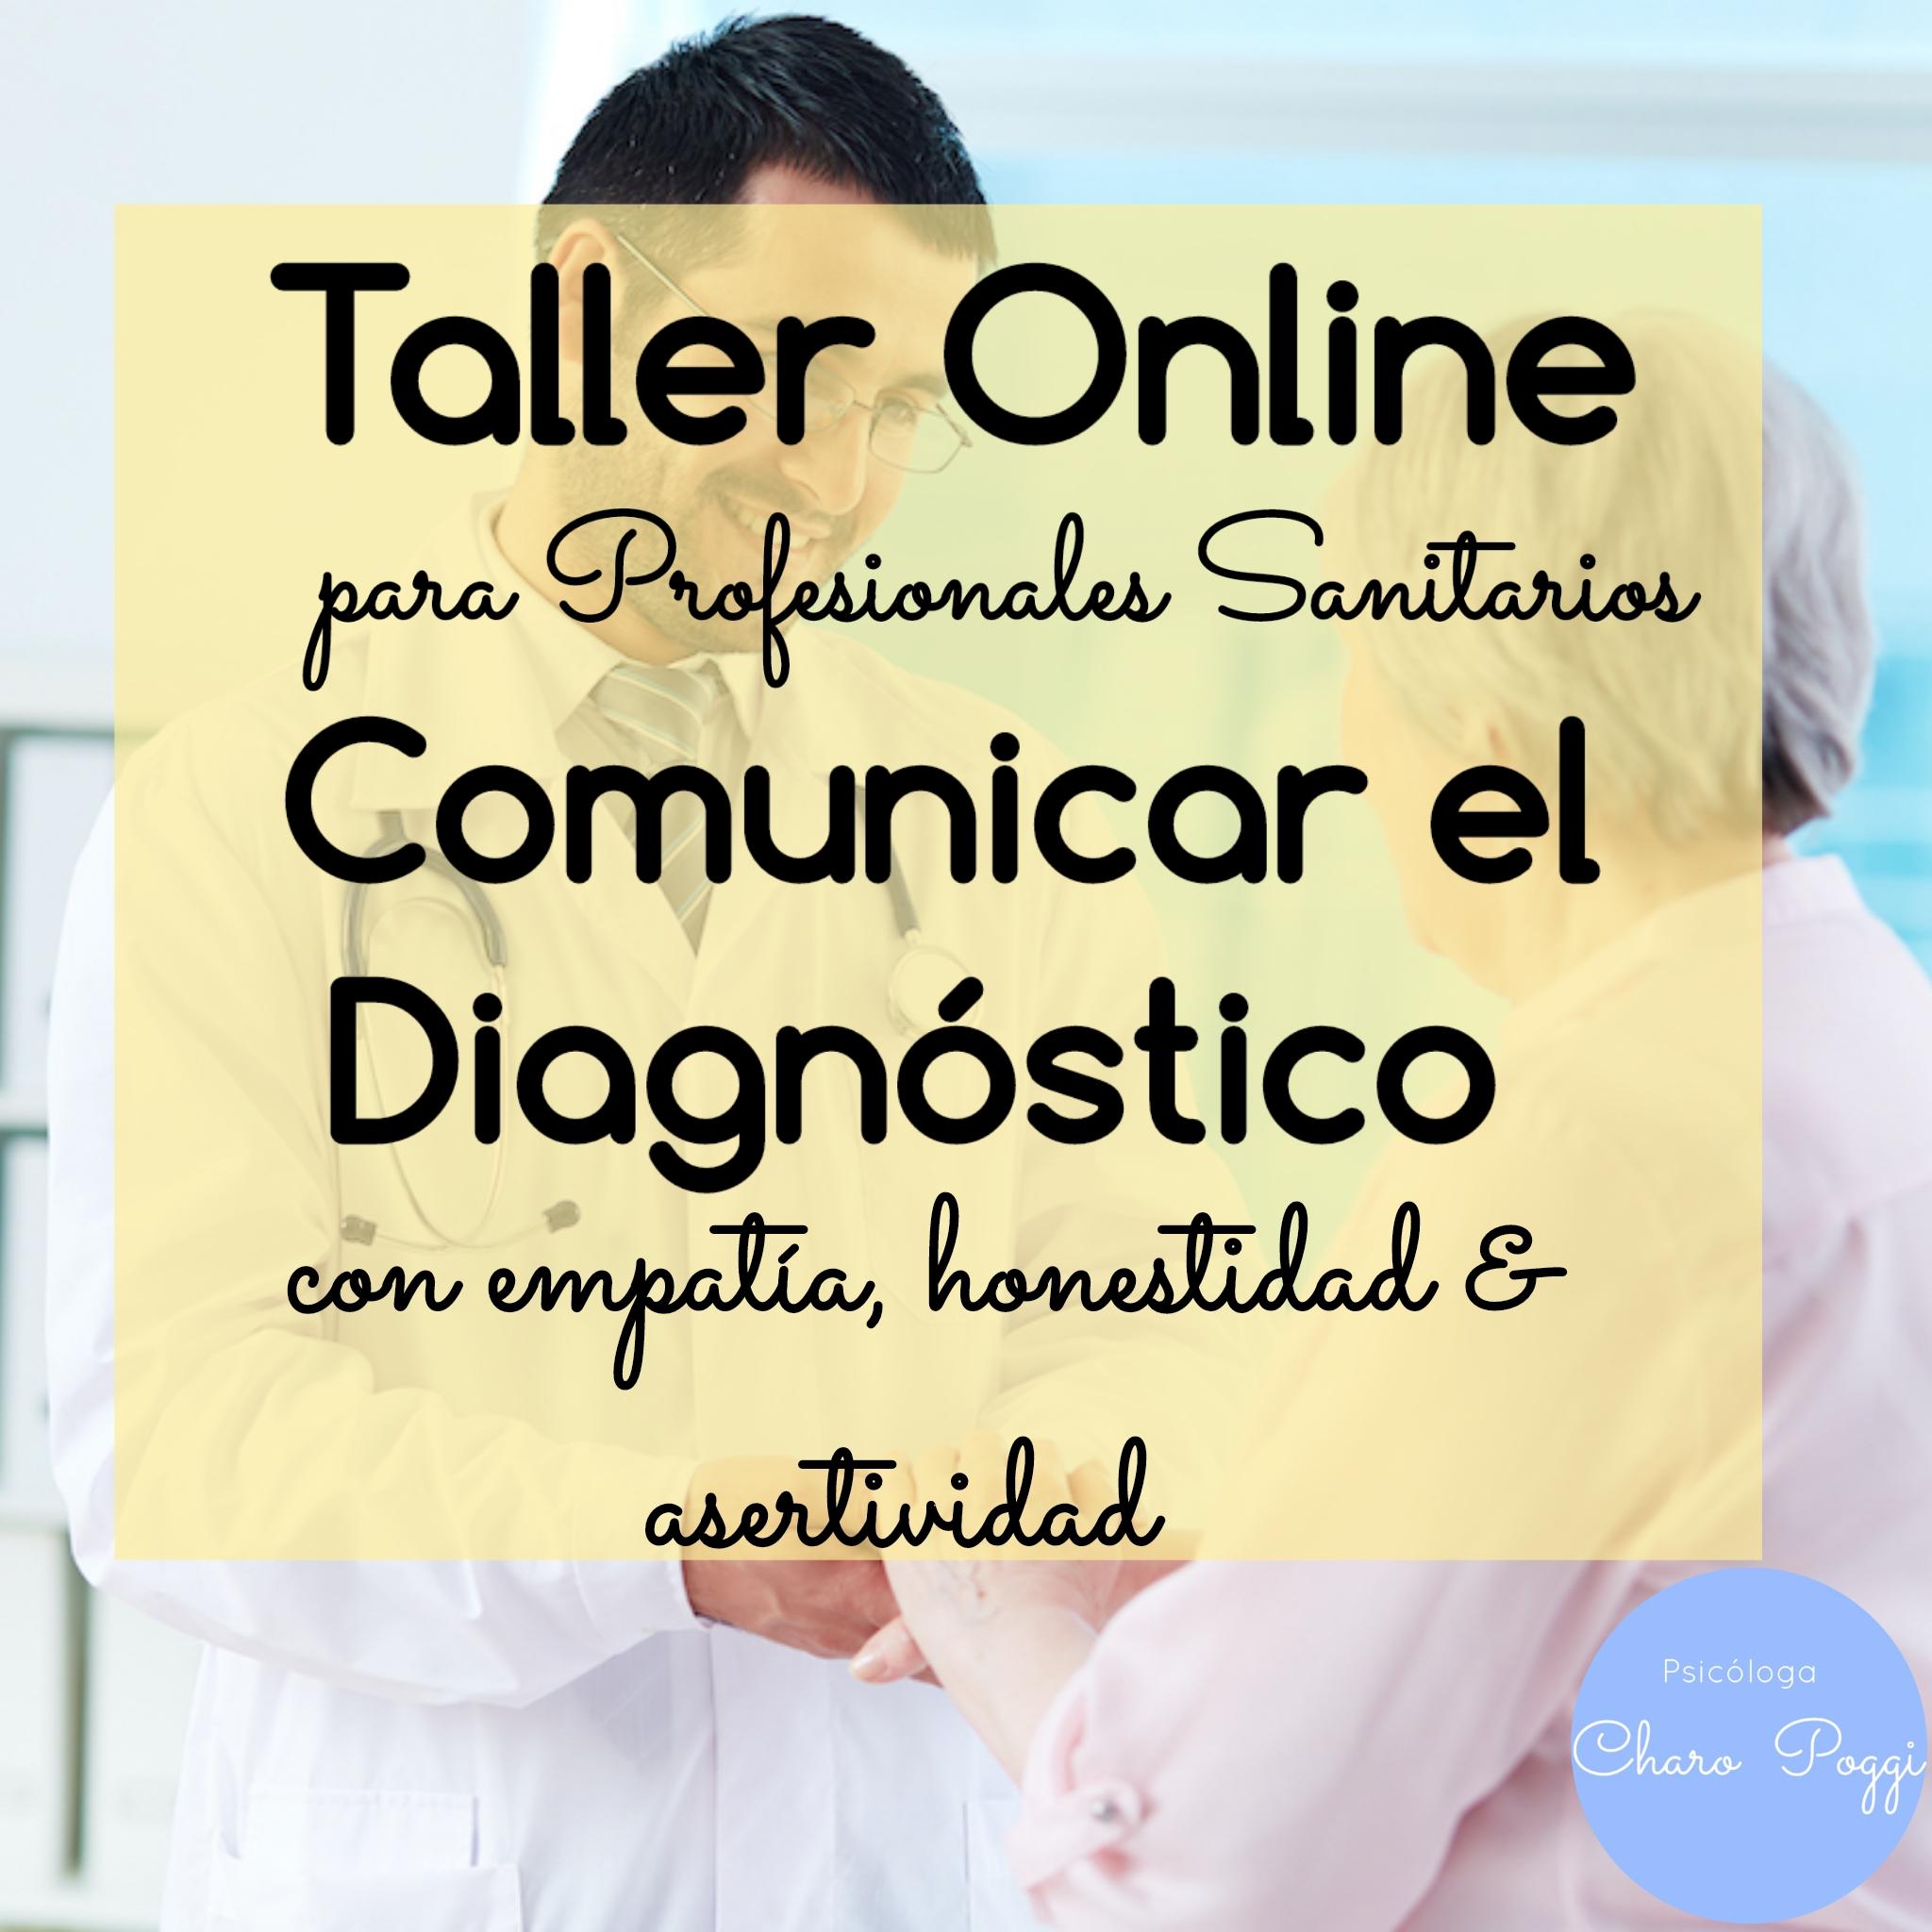 Taller comunicar diagnostico con empatía, honestidad y asertividad